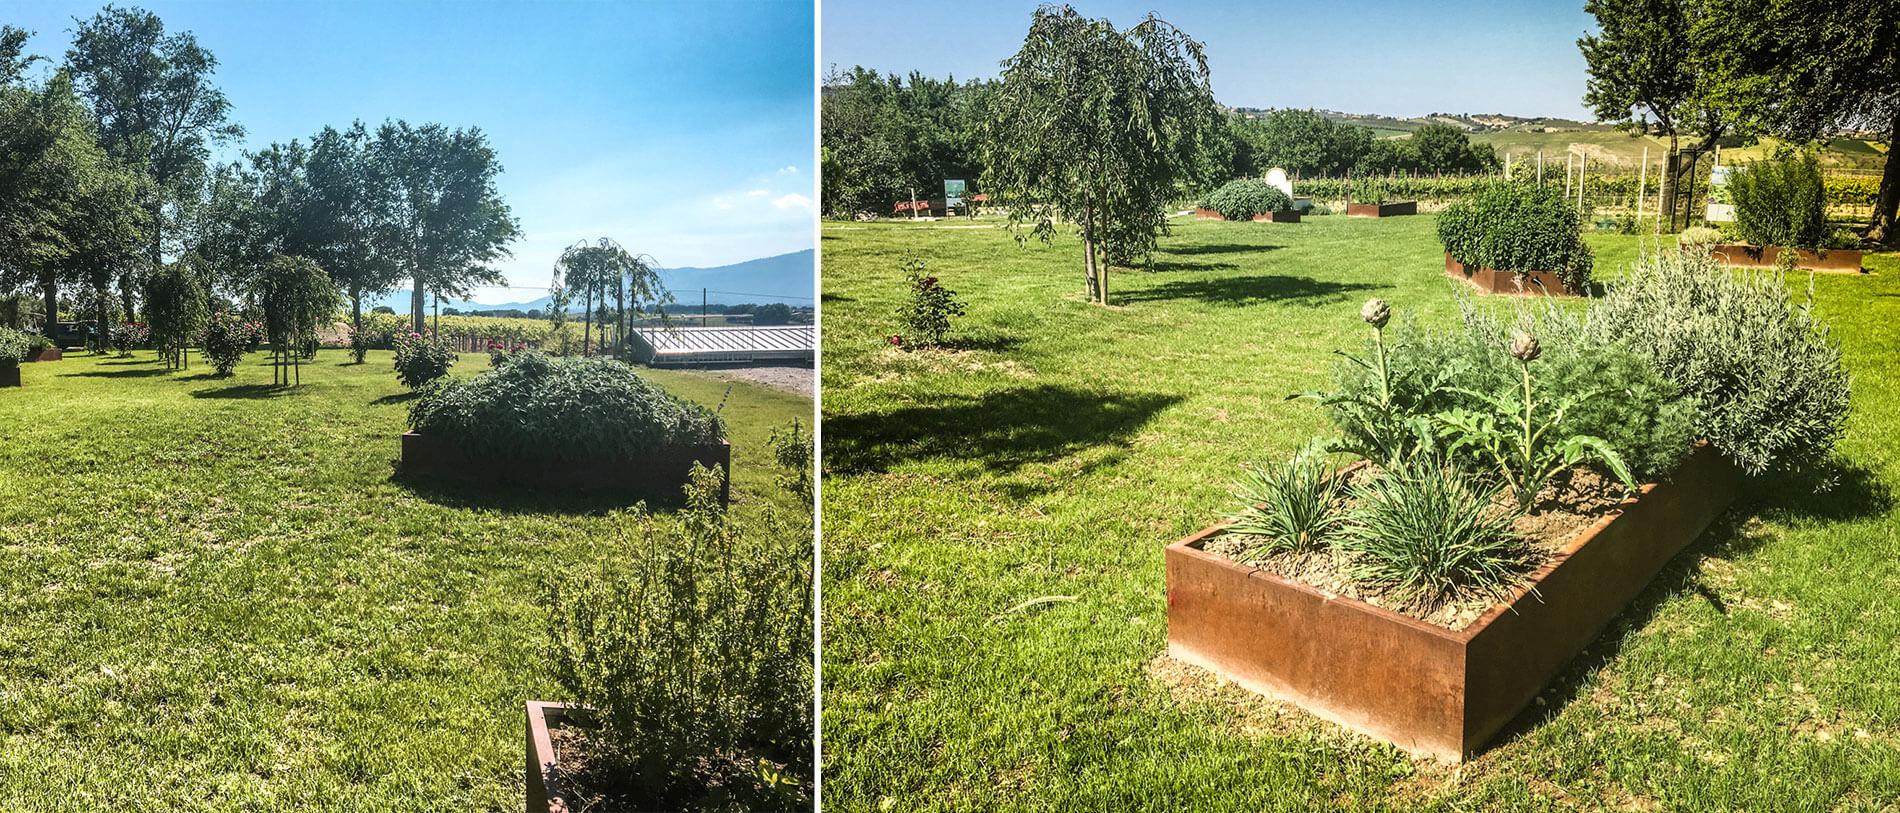 Bordure Giardino All Azienda Agricola Mapei Un Percorso